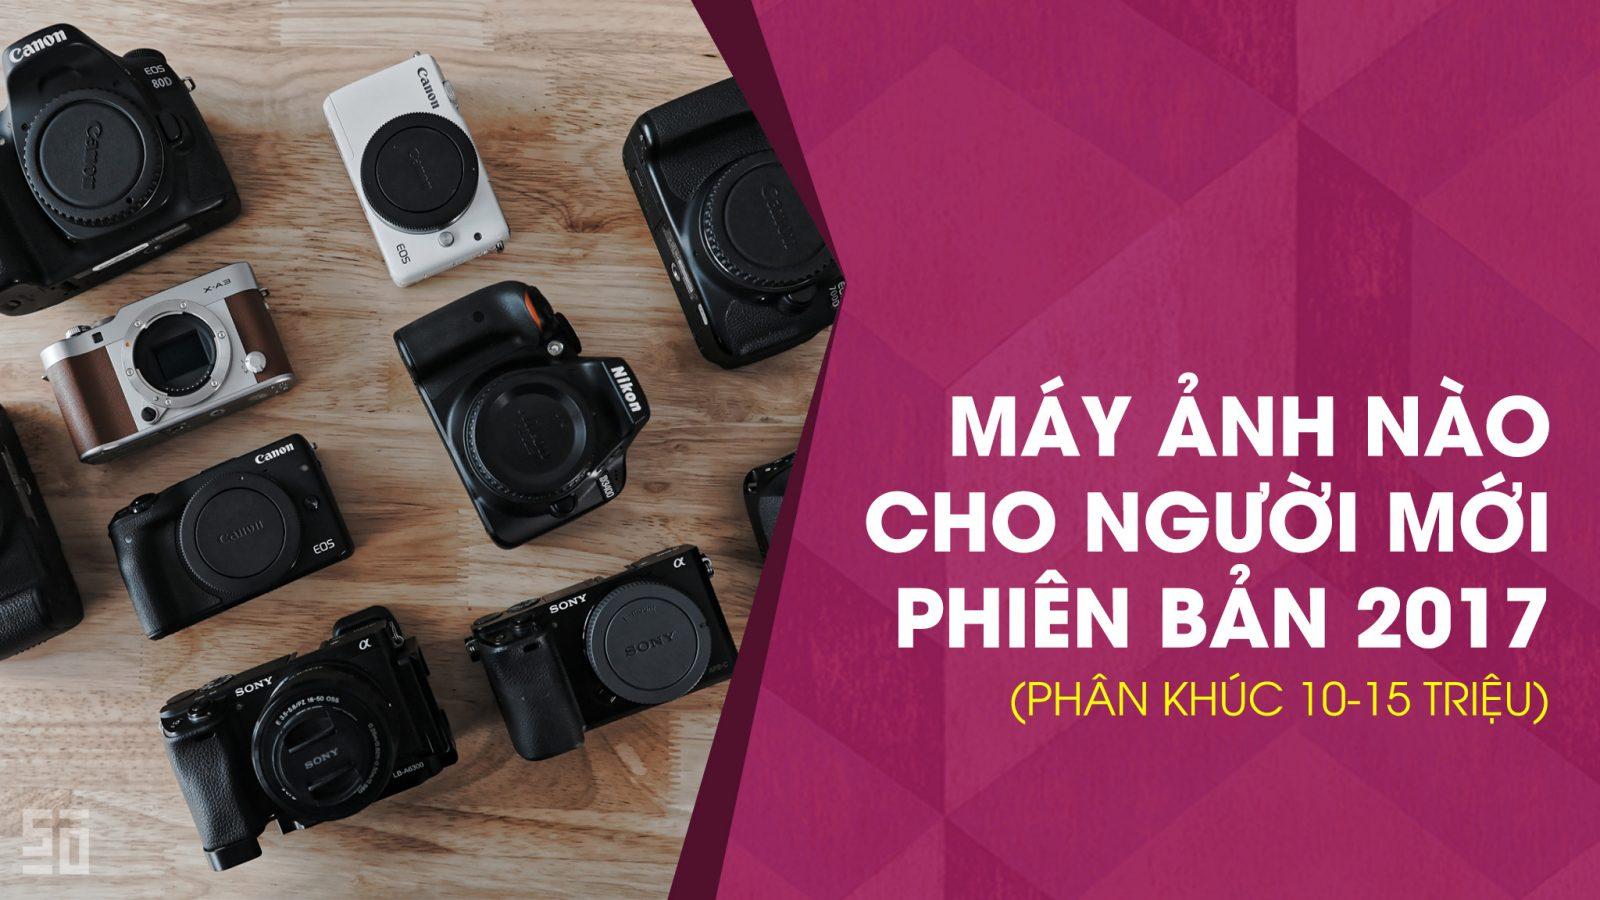 Máy ảnh nào cho người mới năm 2017? (Phân khúc từ 10 - 15 triệu)   50mm Vietnam